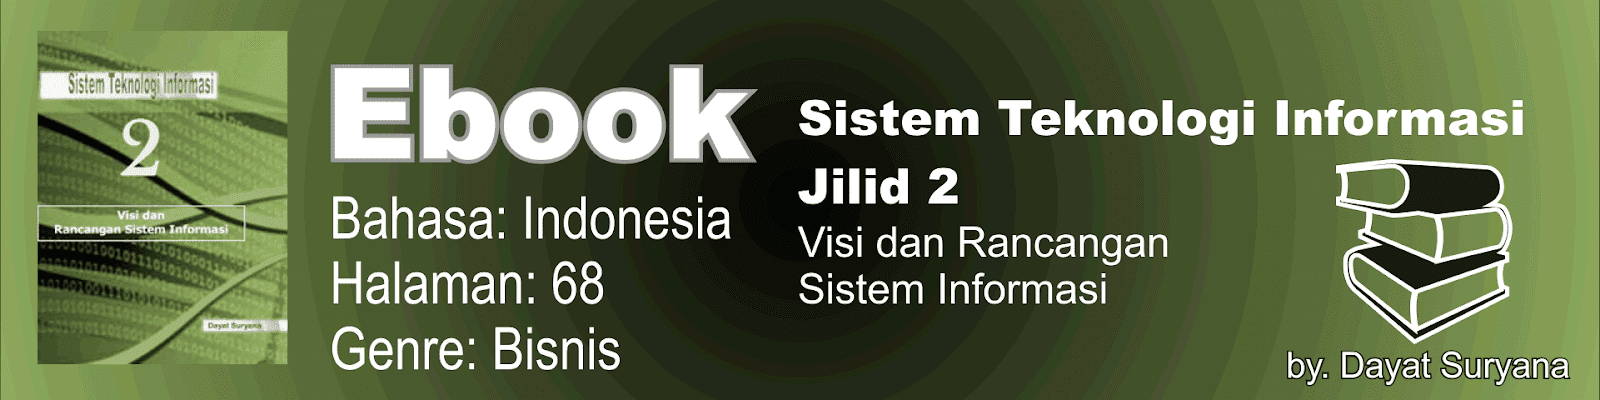 Buku Sistem Teknologi Informasi Jilid 2